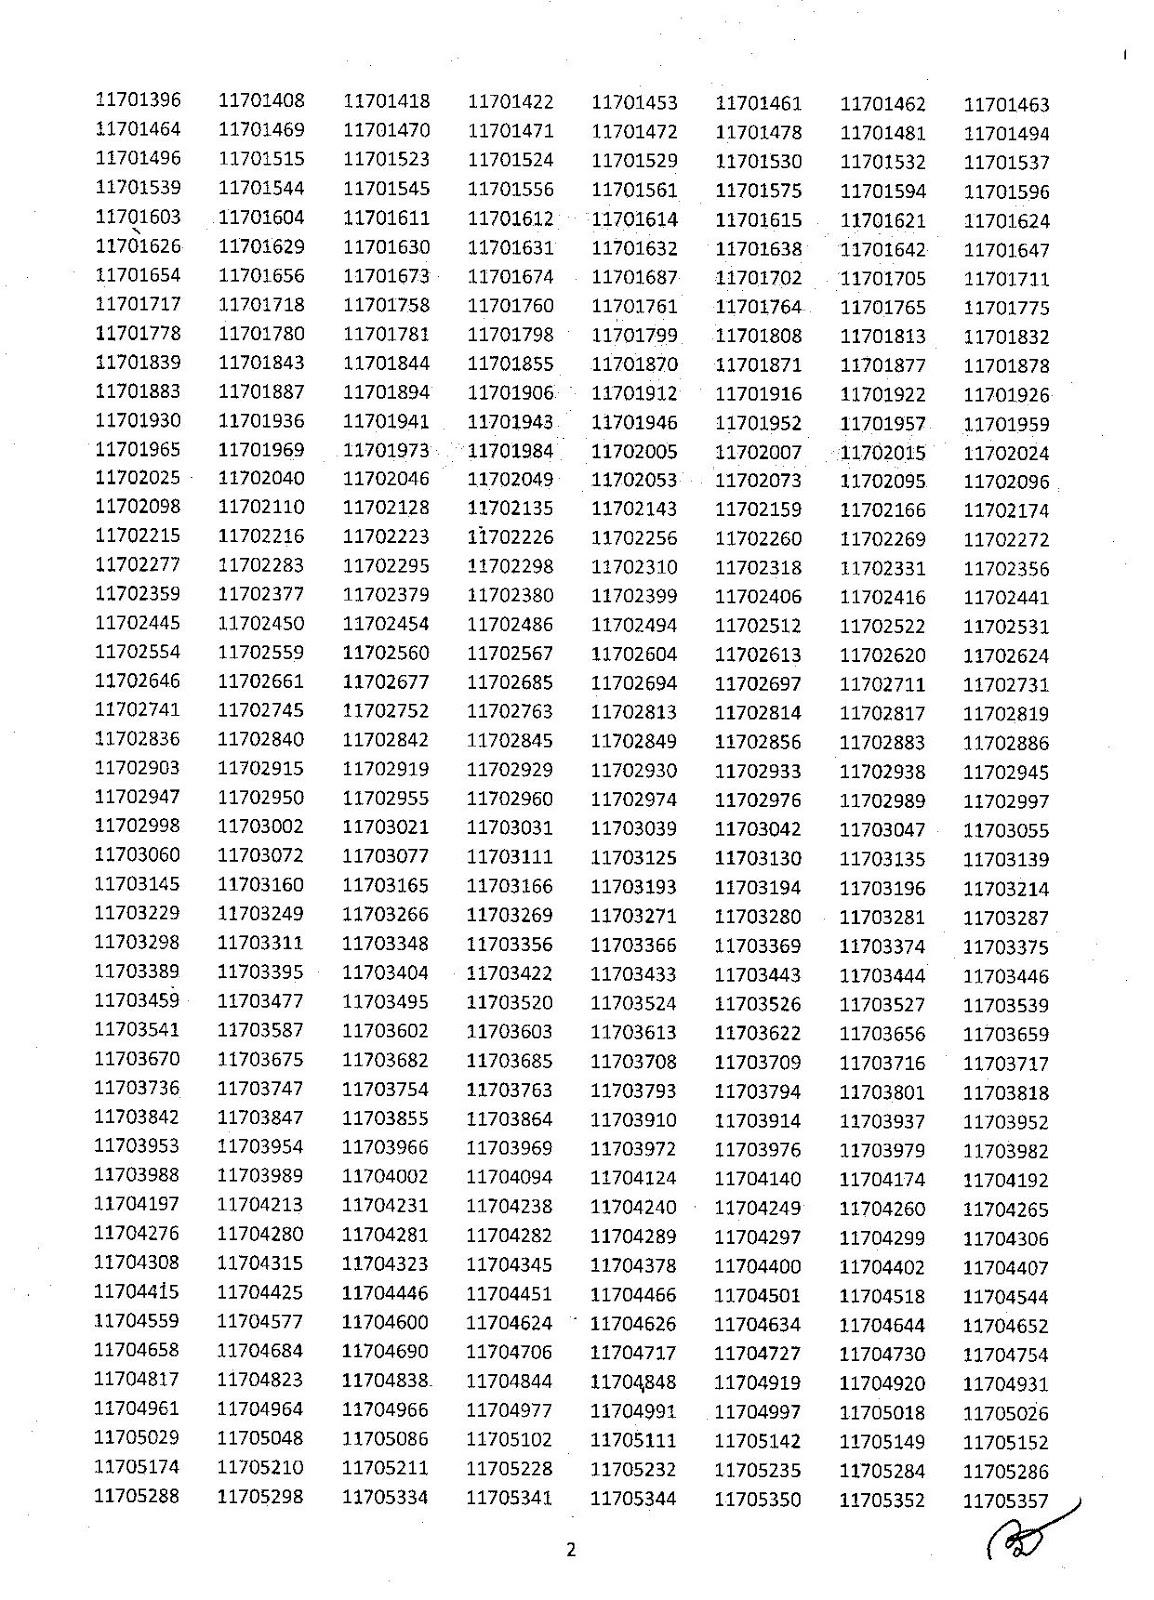 FSCD Exam Result 2019